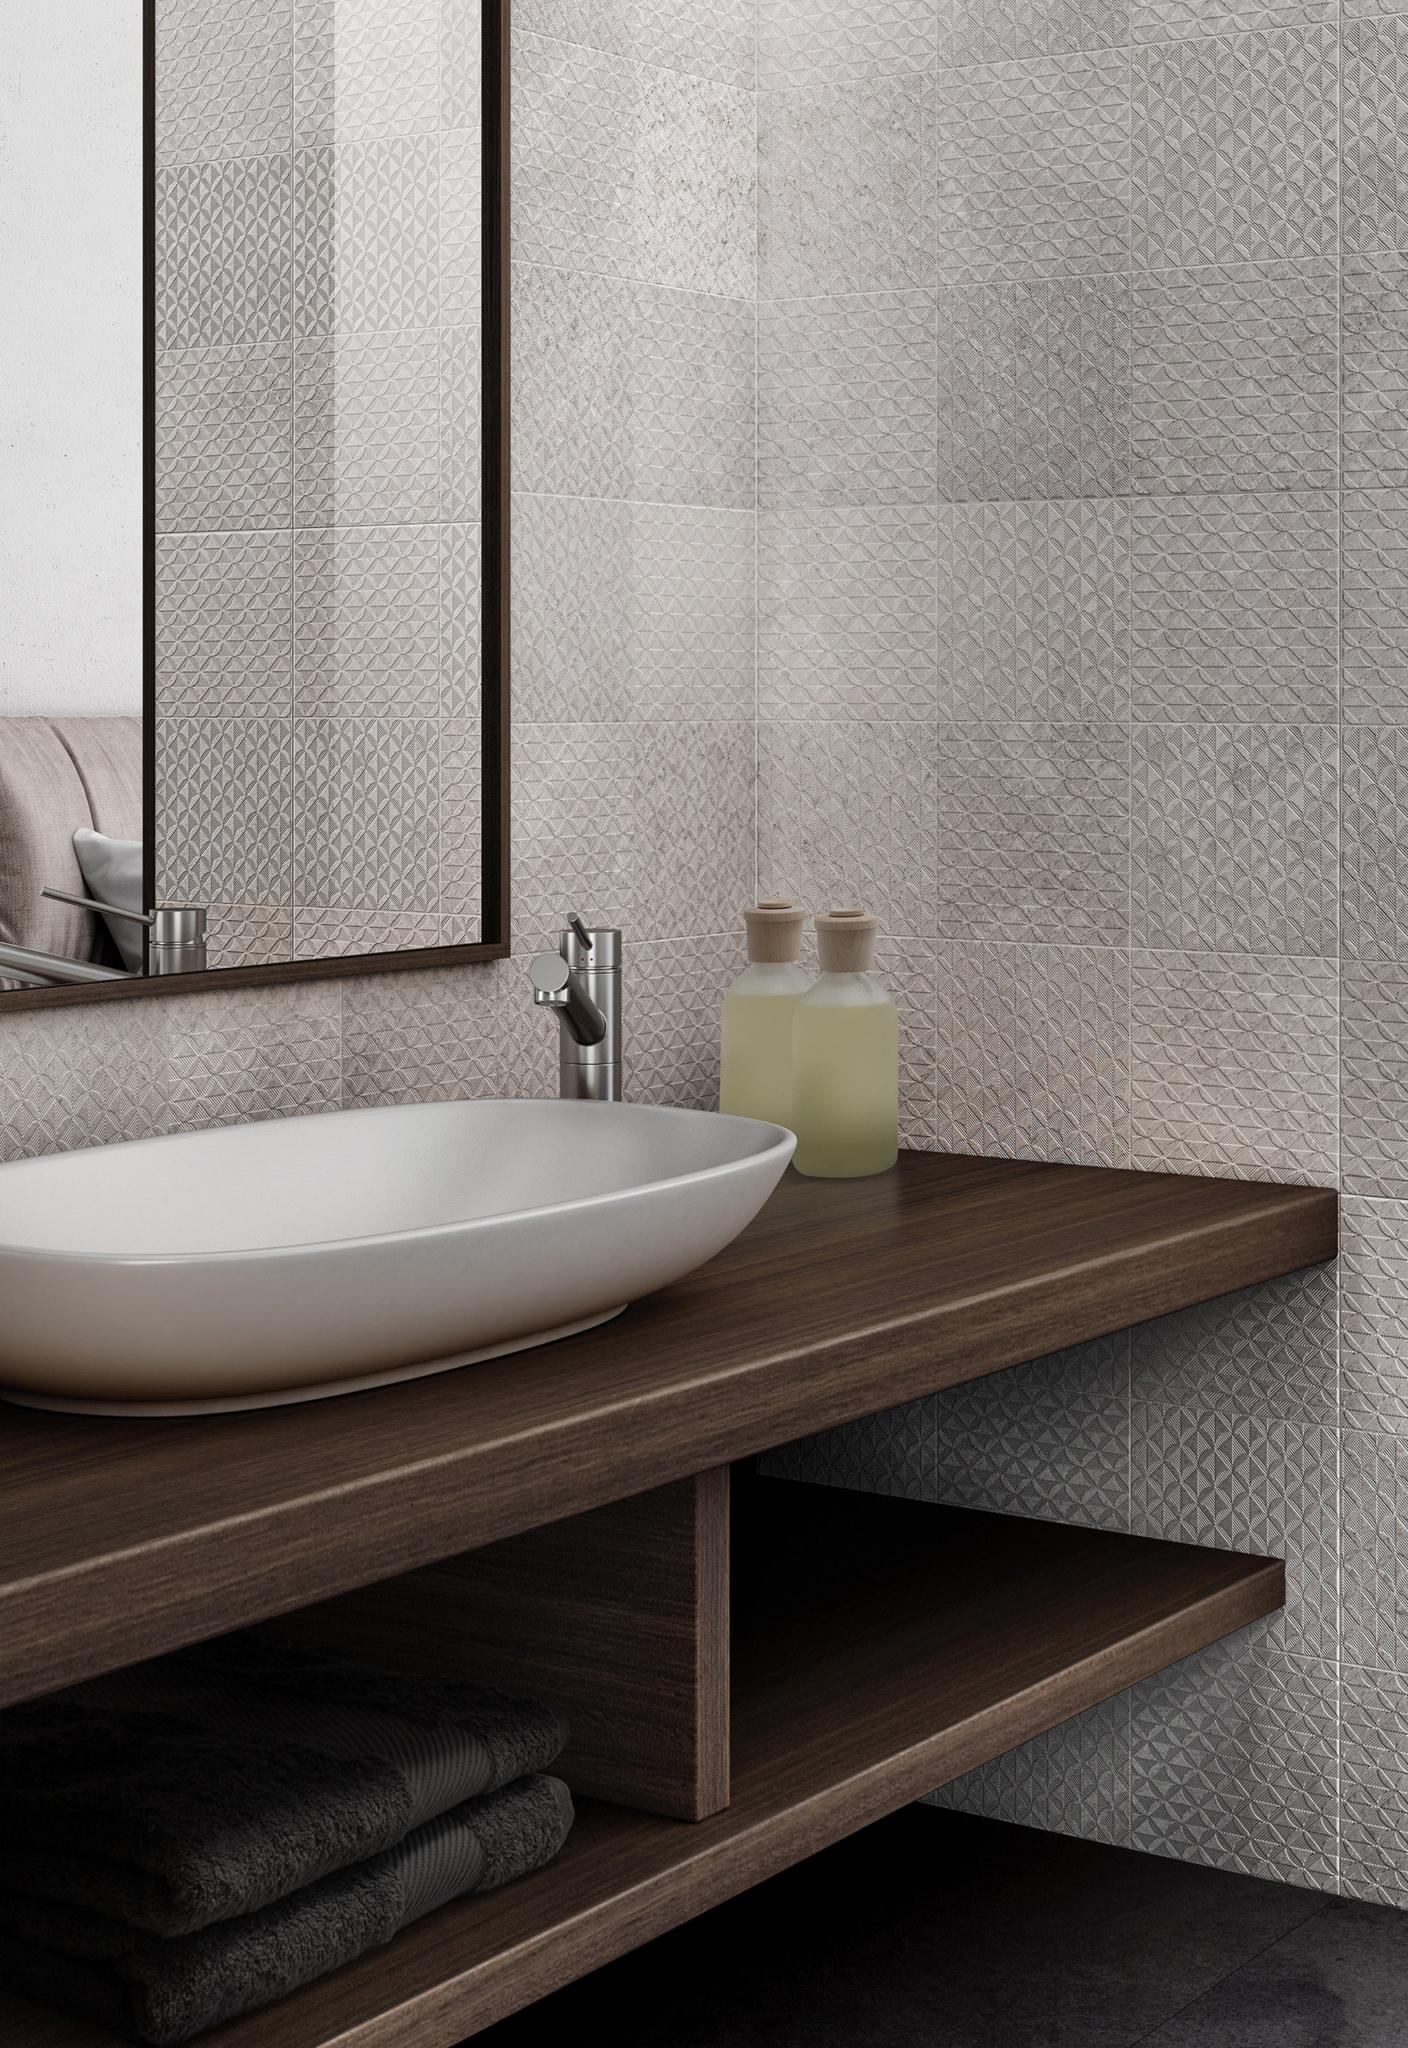 Rendering bagno hotel con lastre ceramiche in dettaglio